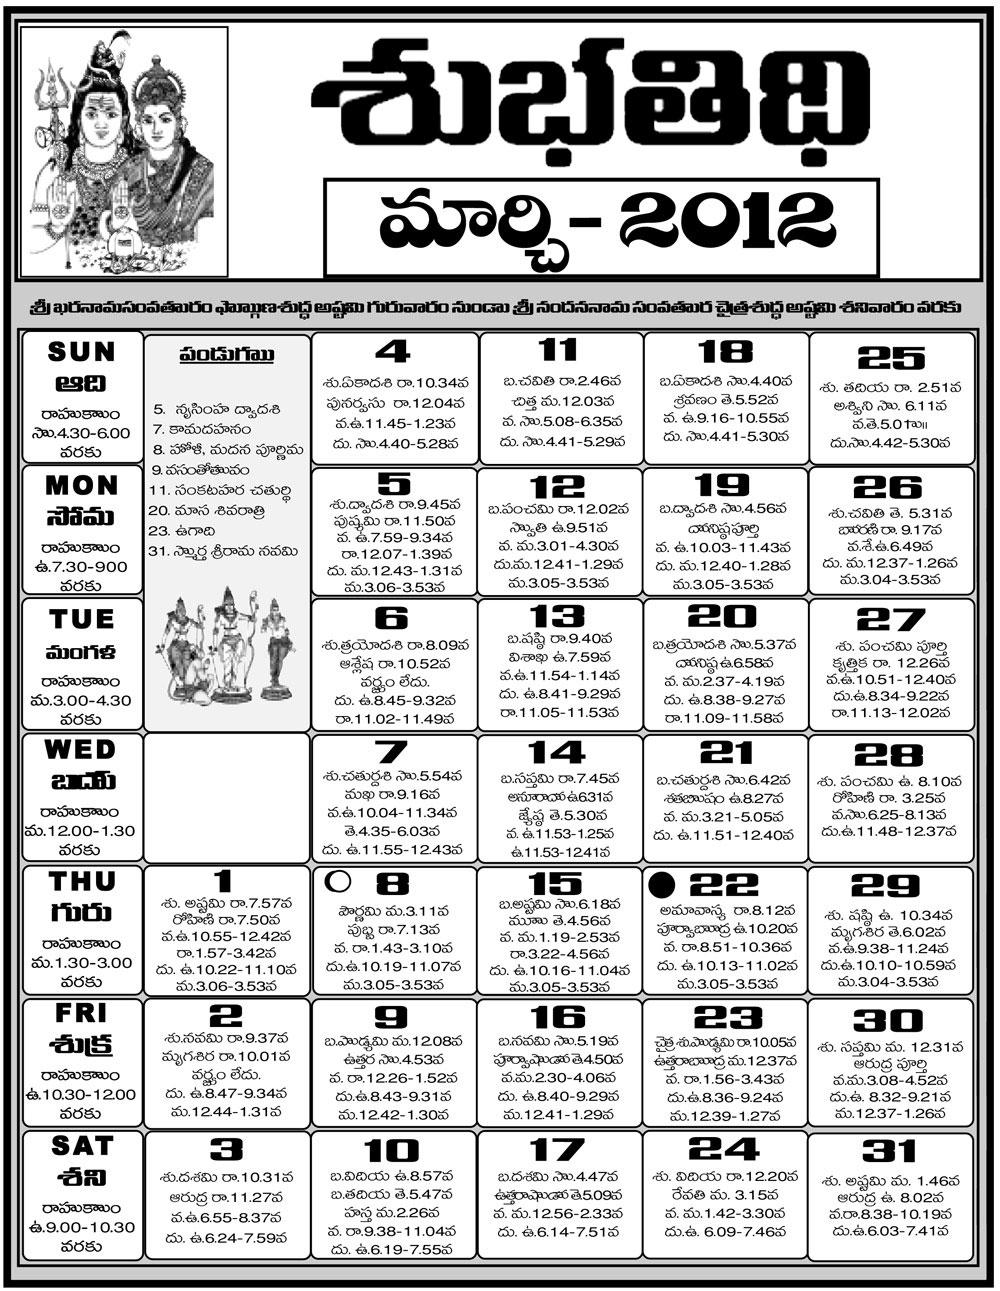 Telugu Calendar 2012 | Telugu Calendar 2011 | Telugu Calendar 2010 regarding Hindu Calendar 2009 With Tithi